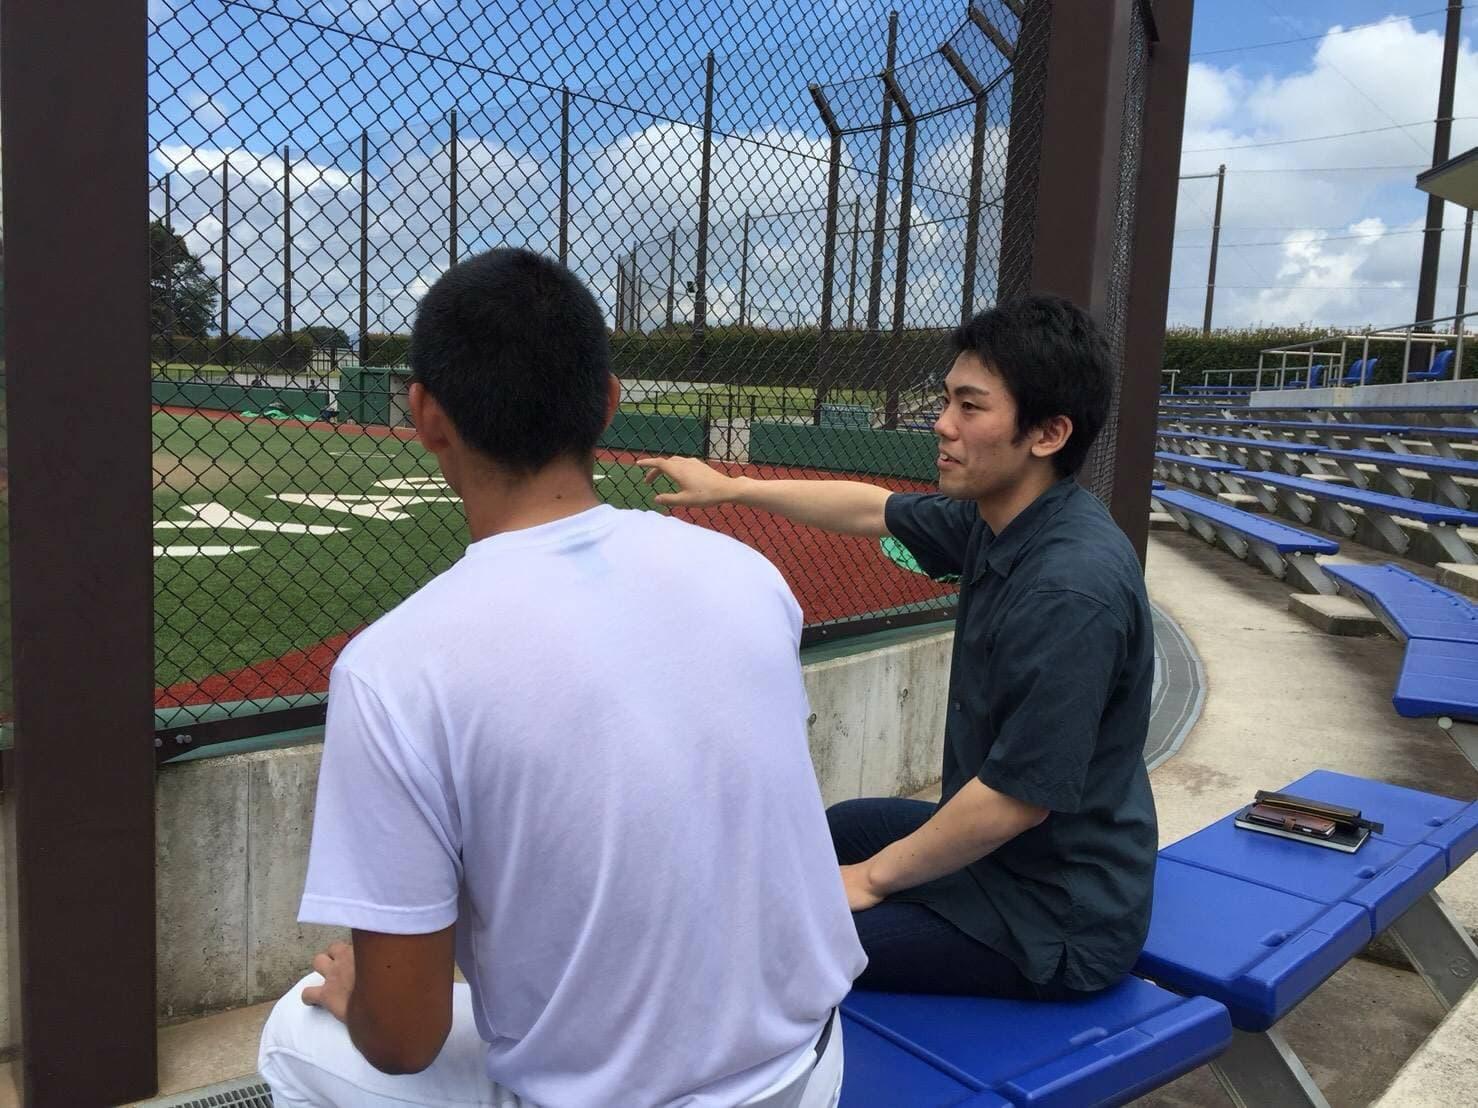 『イップス研究家』として活動する谷口智哉氏が、球場で話をしている所